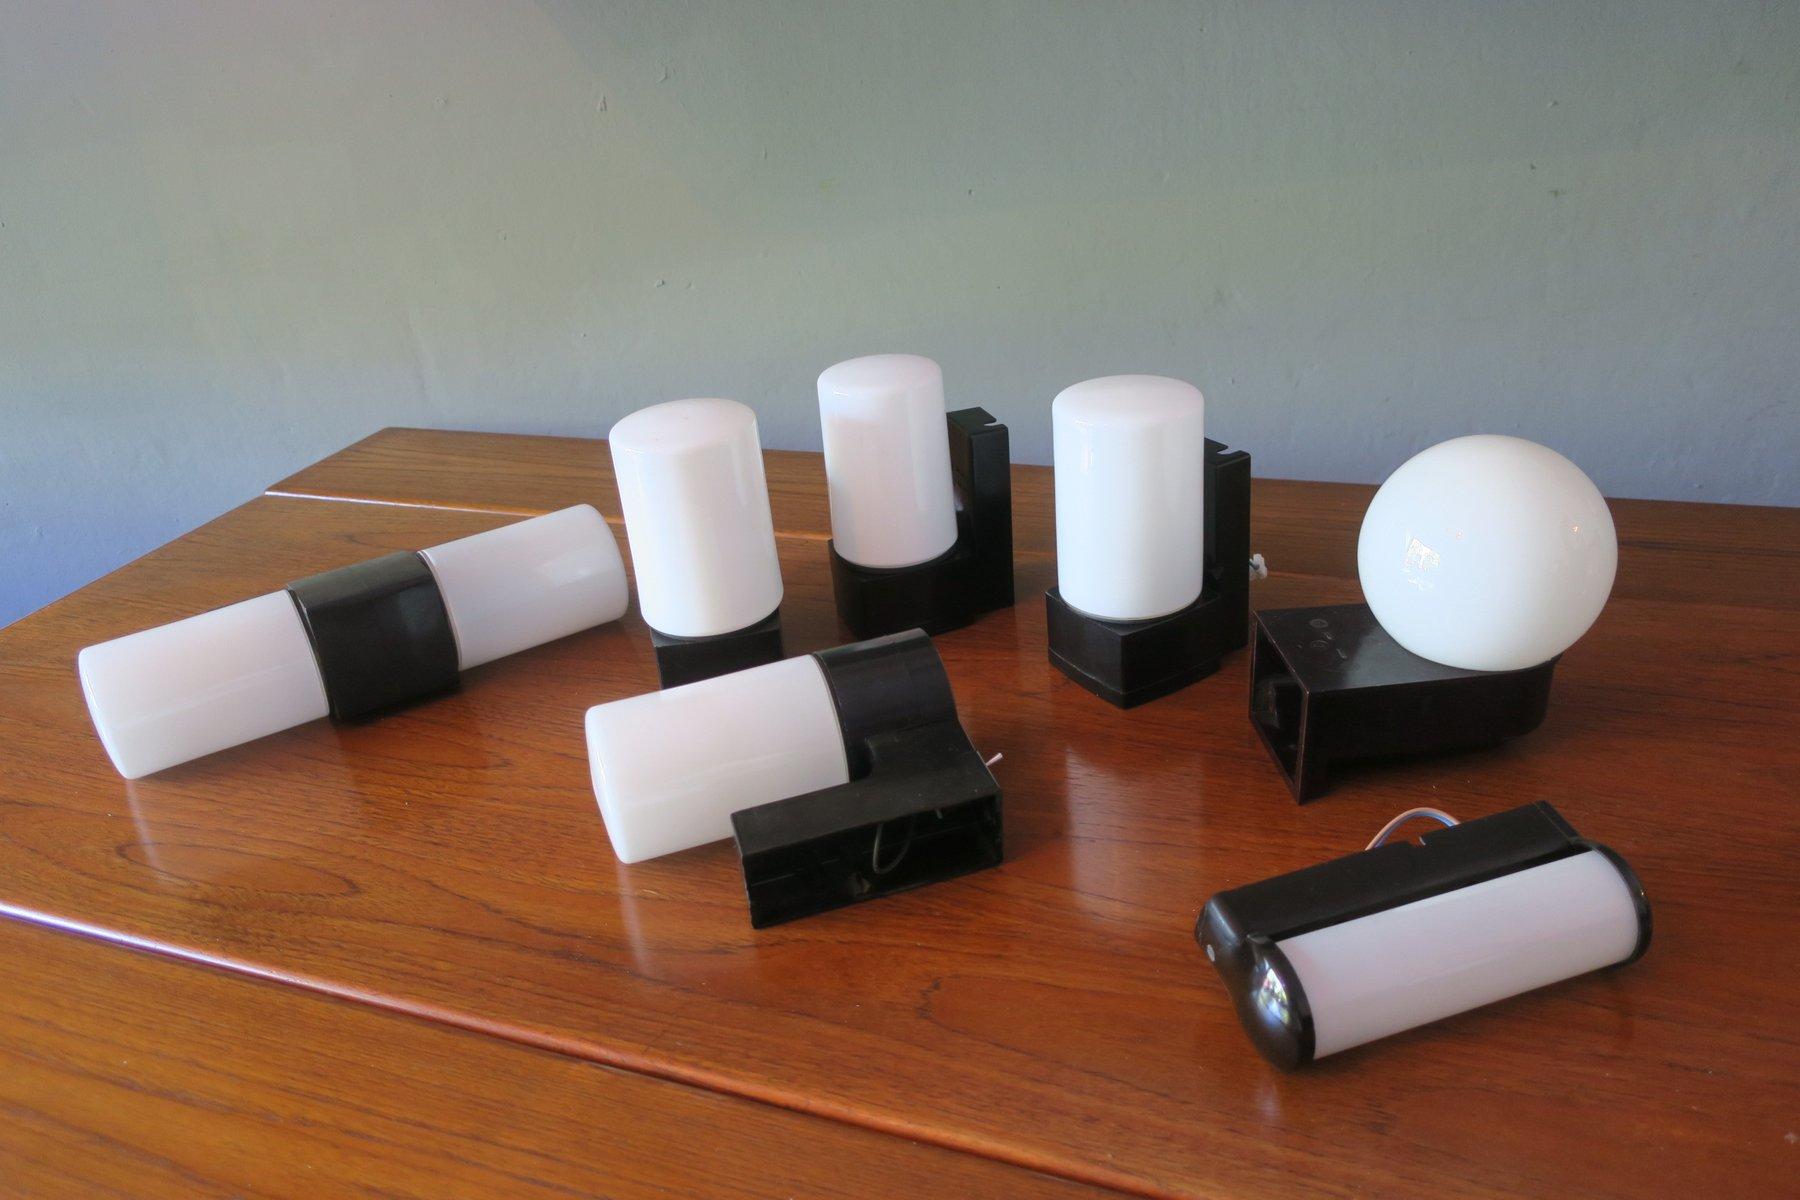 Bauhaus Bakelit & Milchglas Wandlampen, 1930er, 7er Set